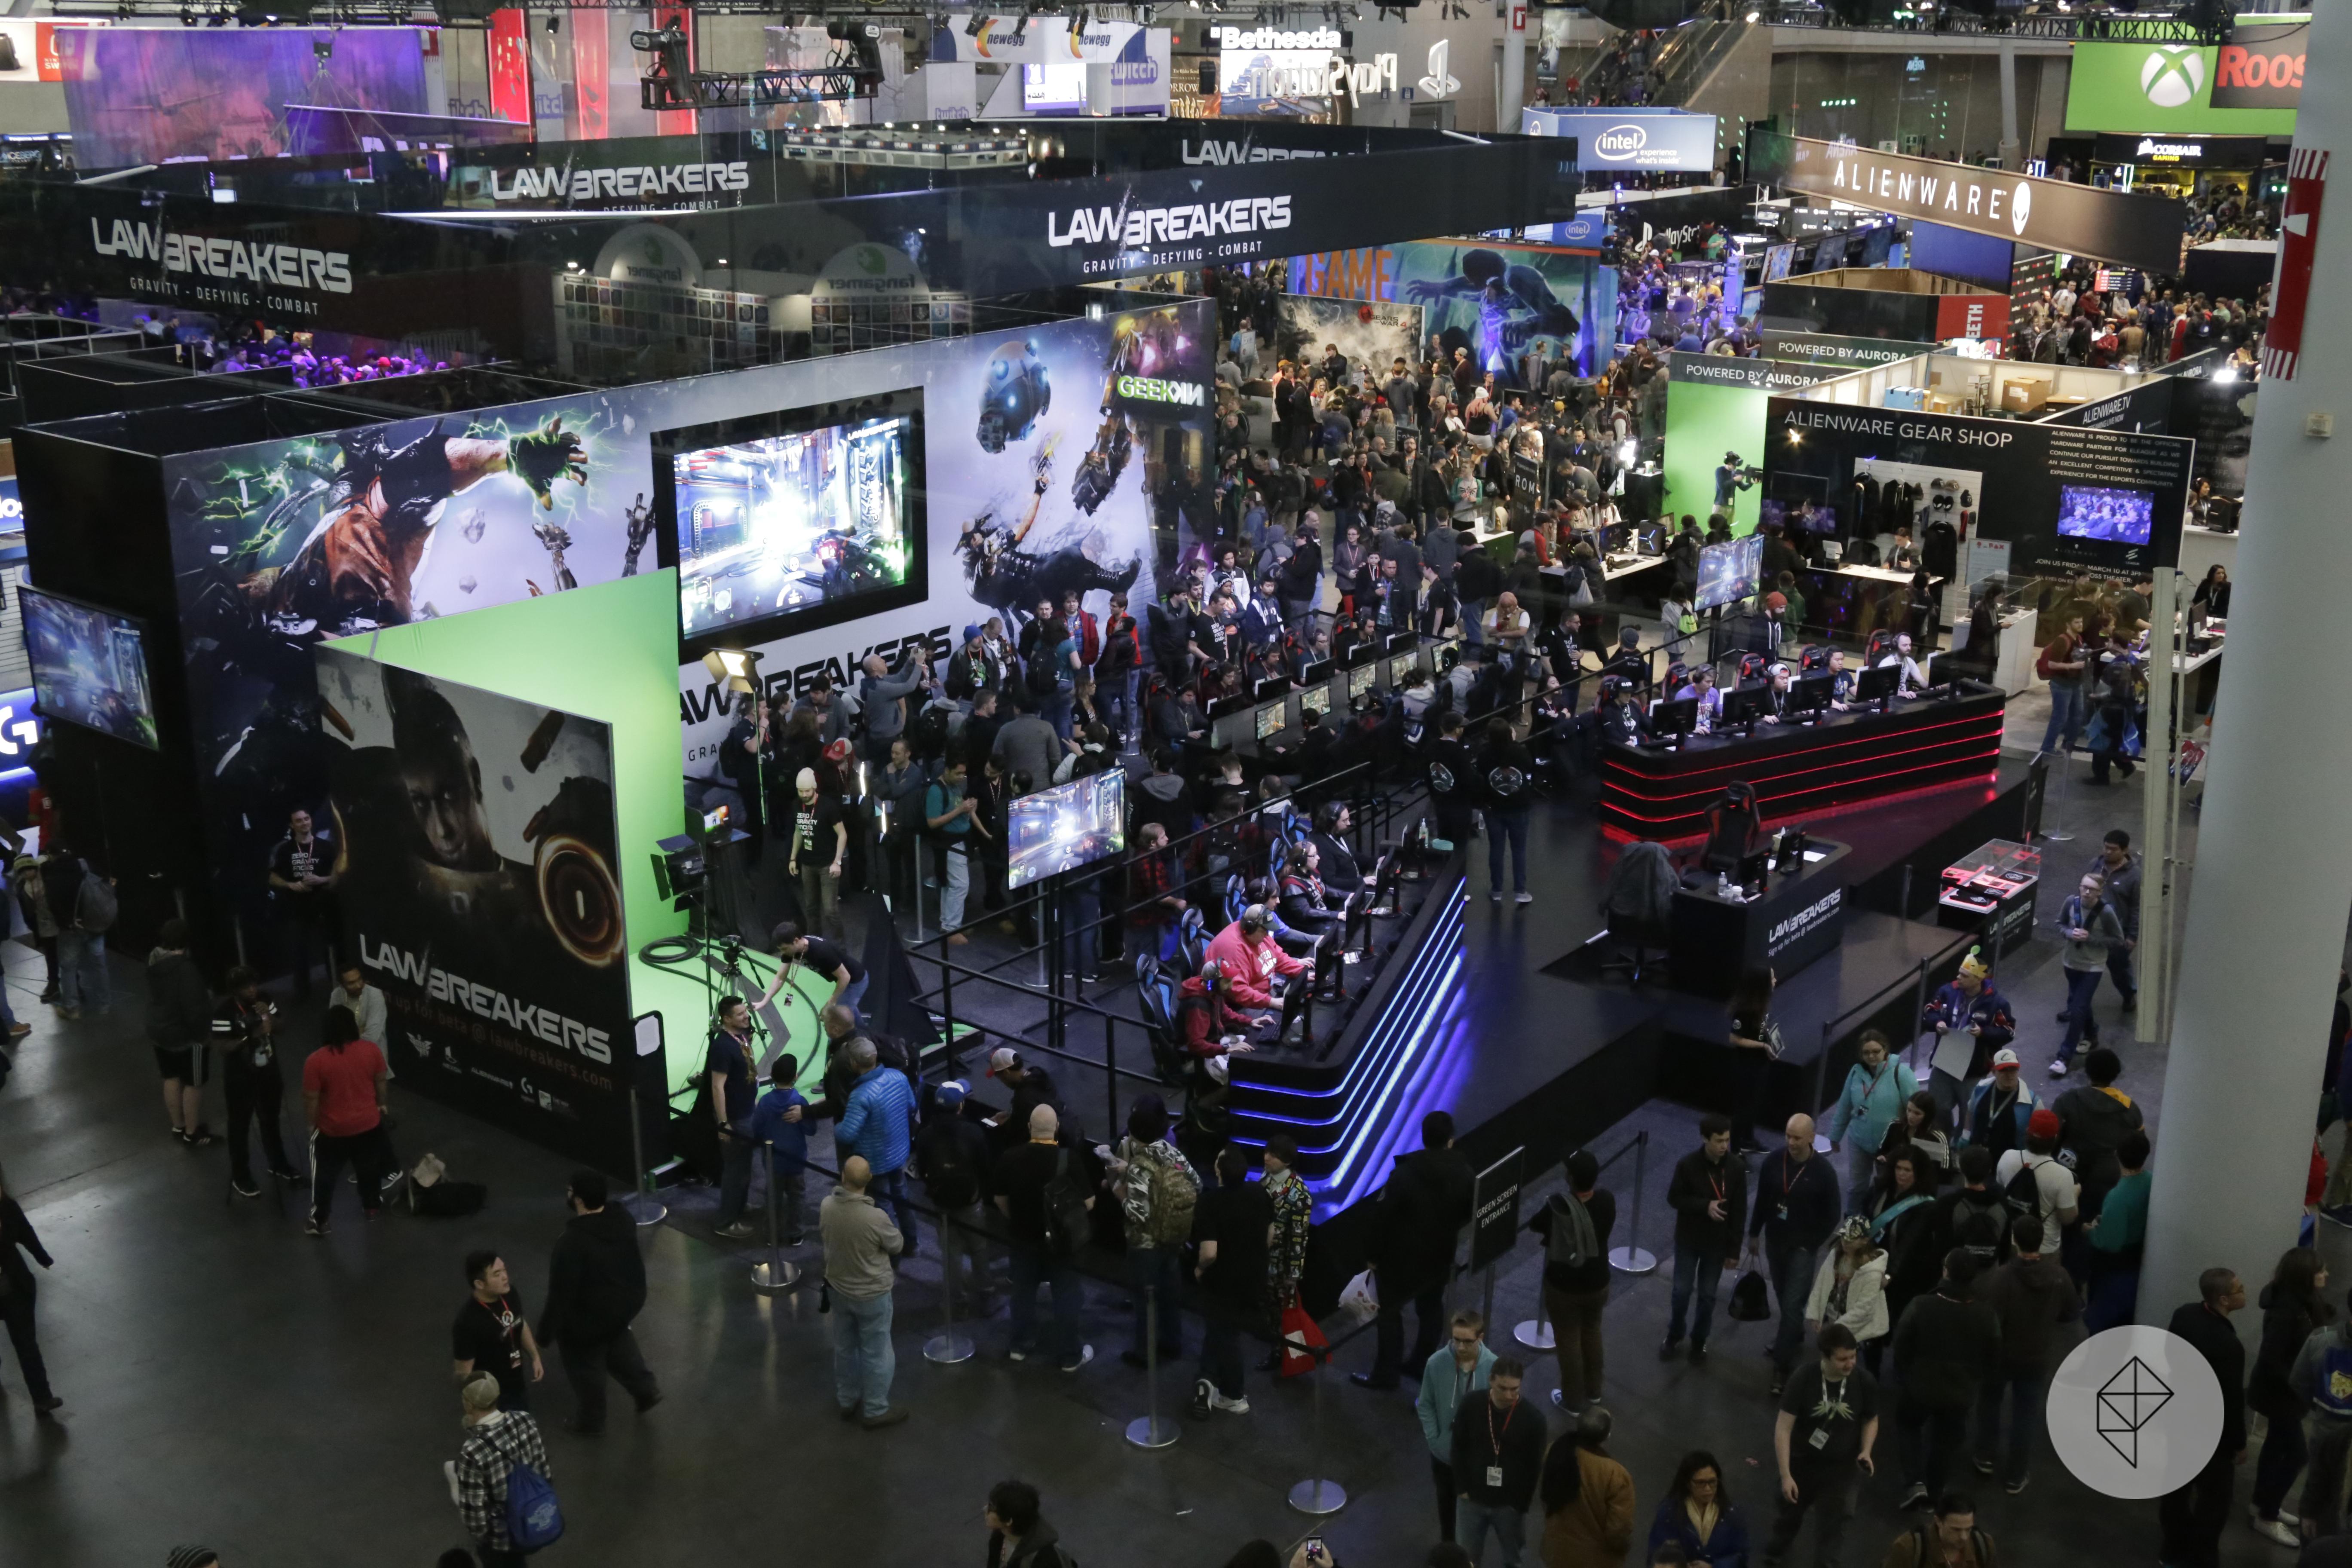 PAX East 2017 show floor photo